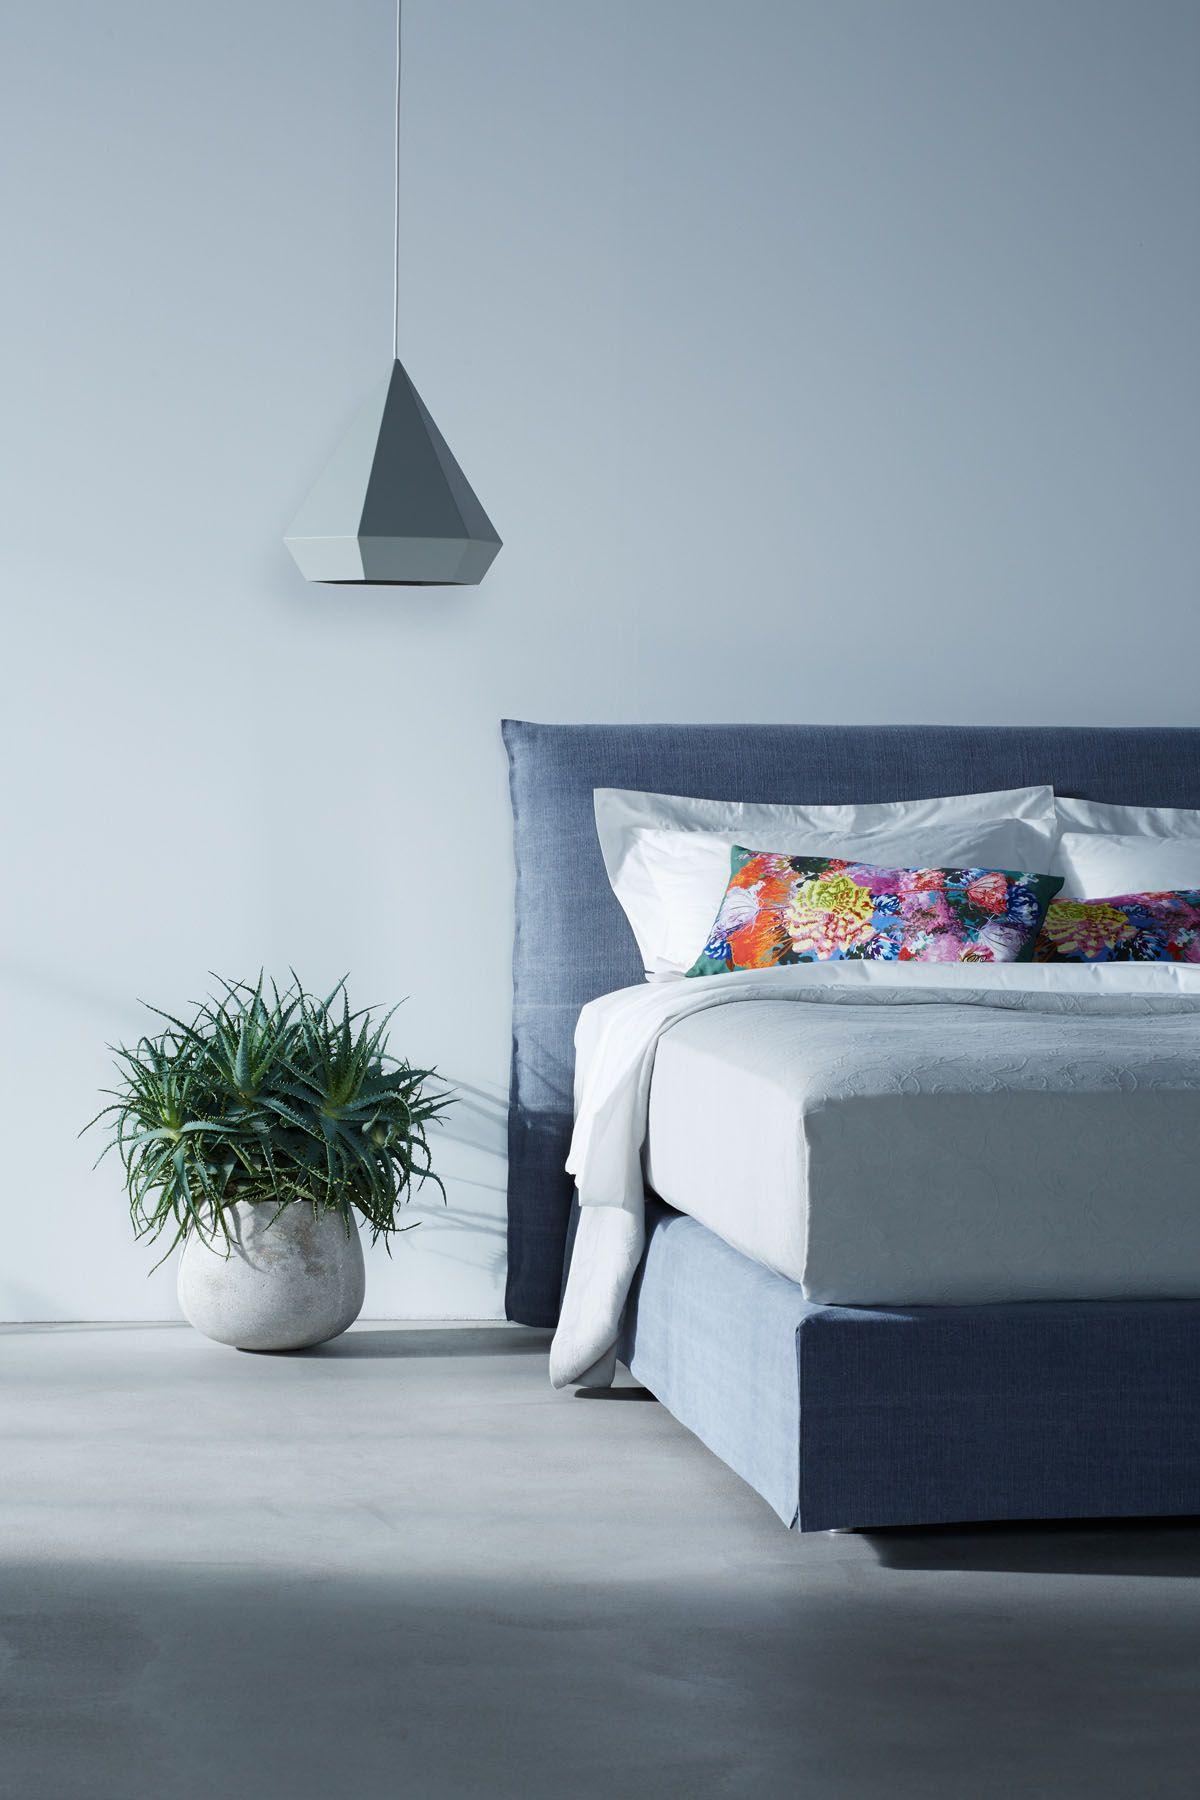 18 Matratzen Kopfkissen Bettdecken Ideen Bettdecken Kissen Matratze